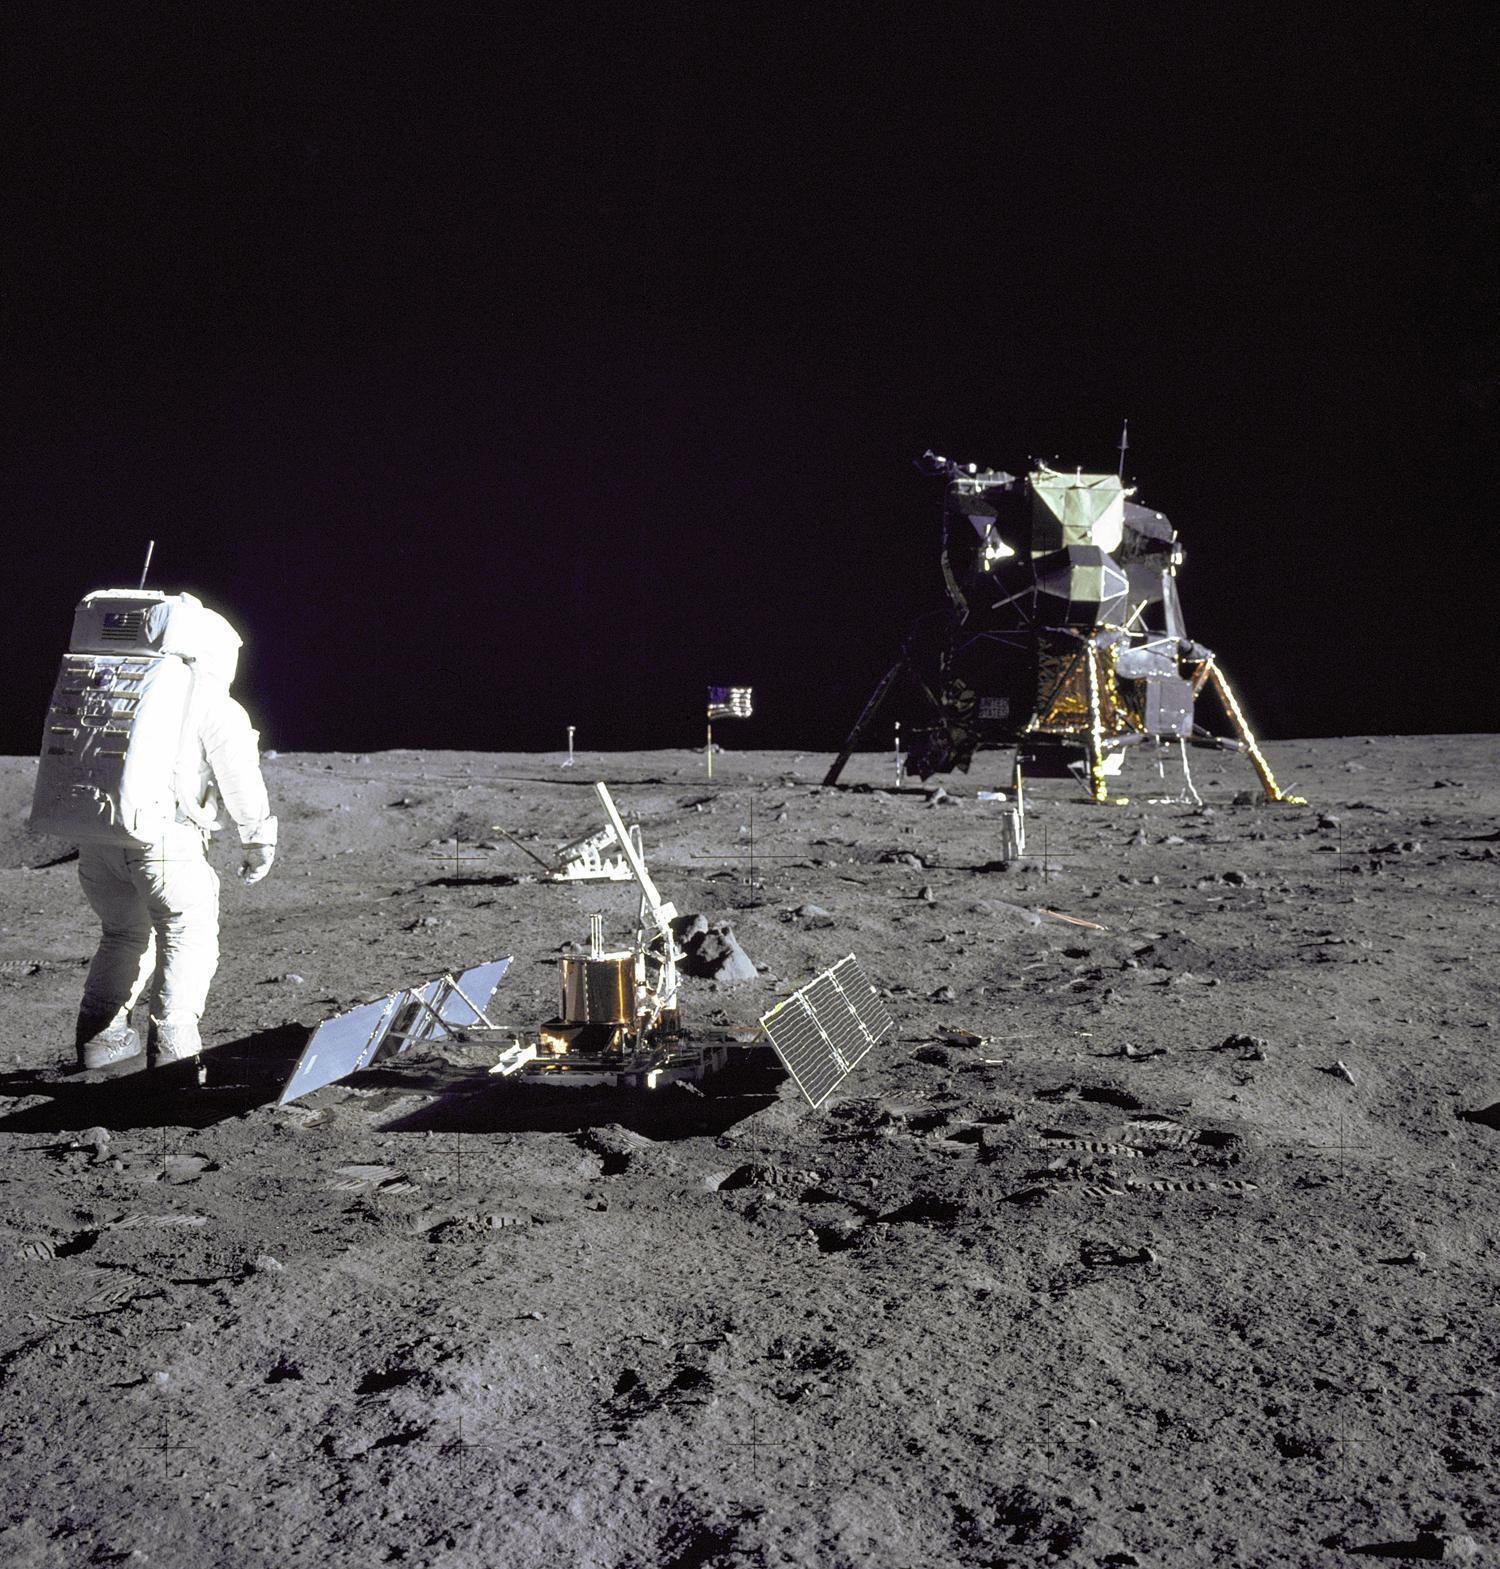 Die Mondlandung ist nach 50 Jahren wieder greifbar